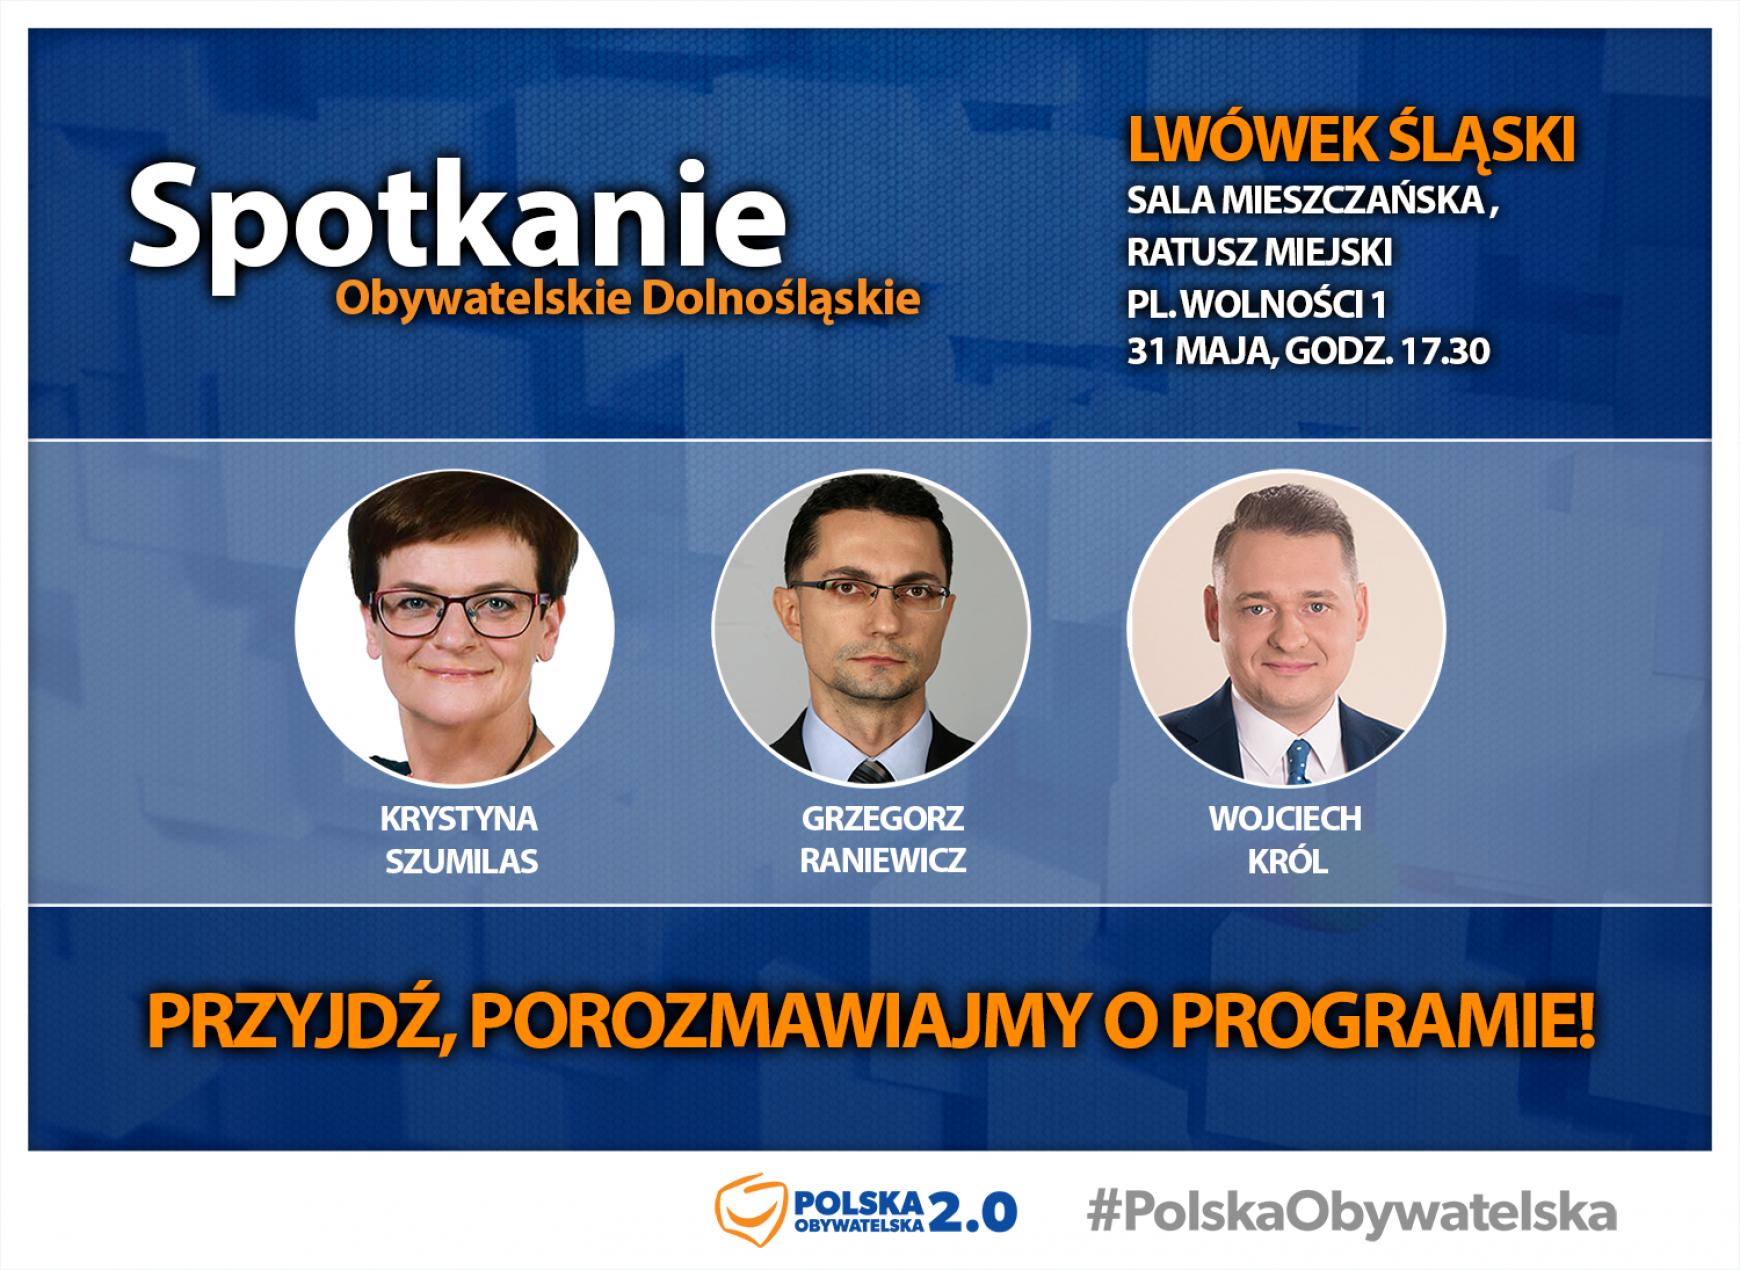 Spotkanie Obywatelskie w Lwówku Śląskim